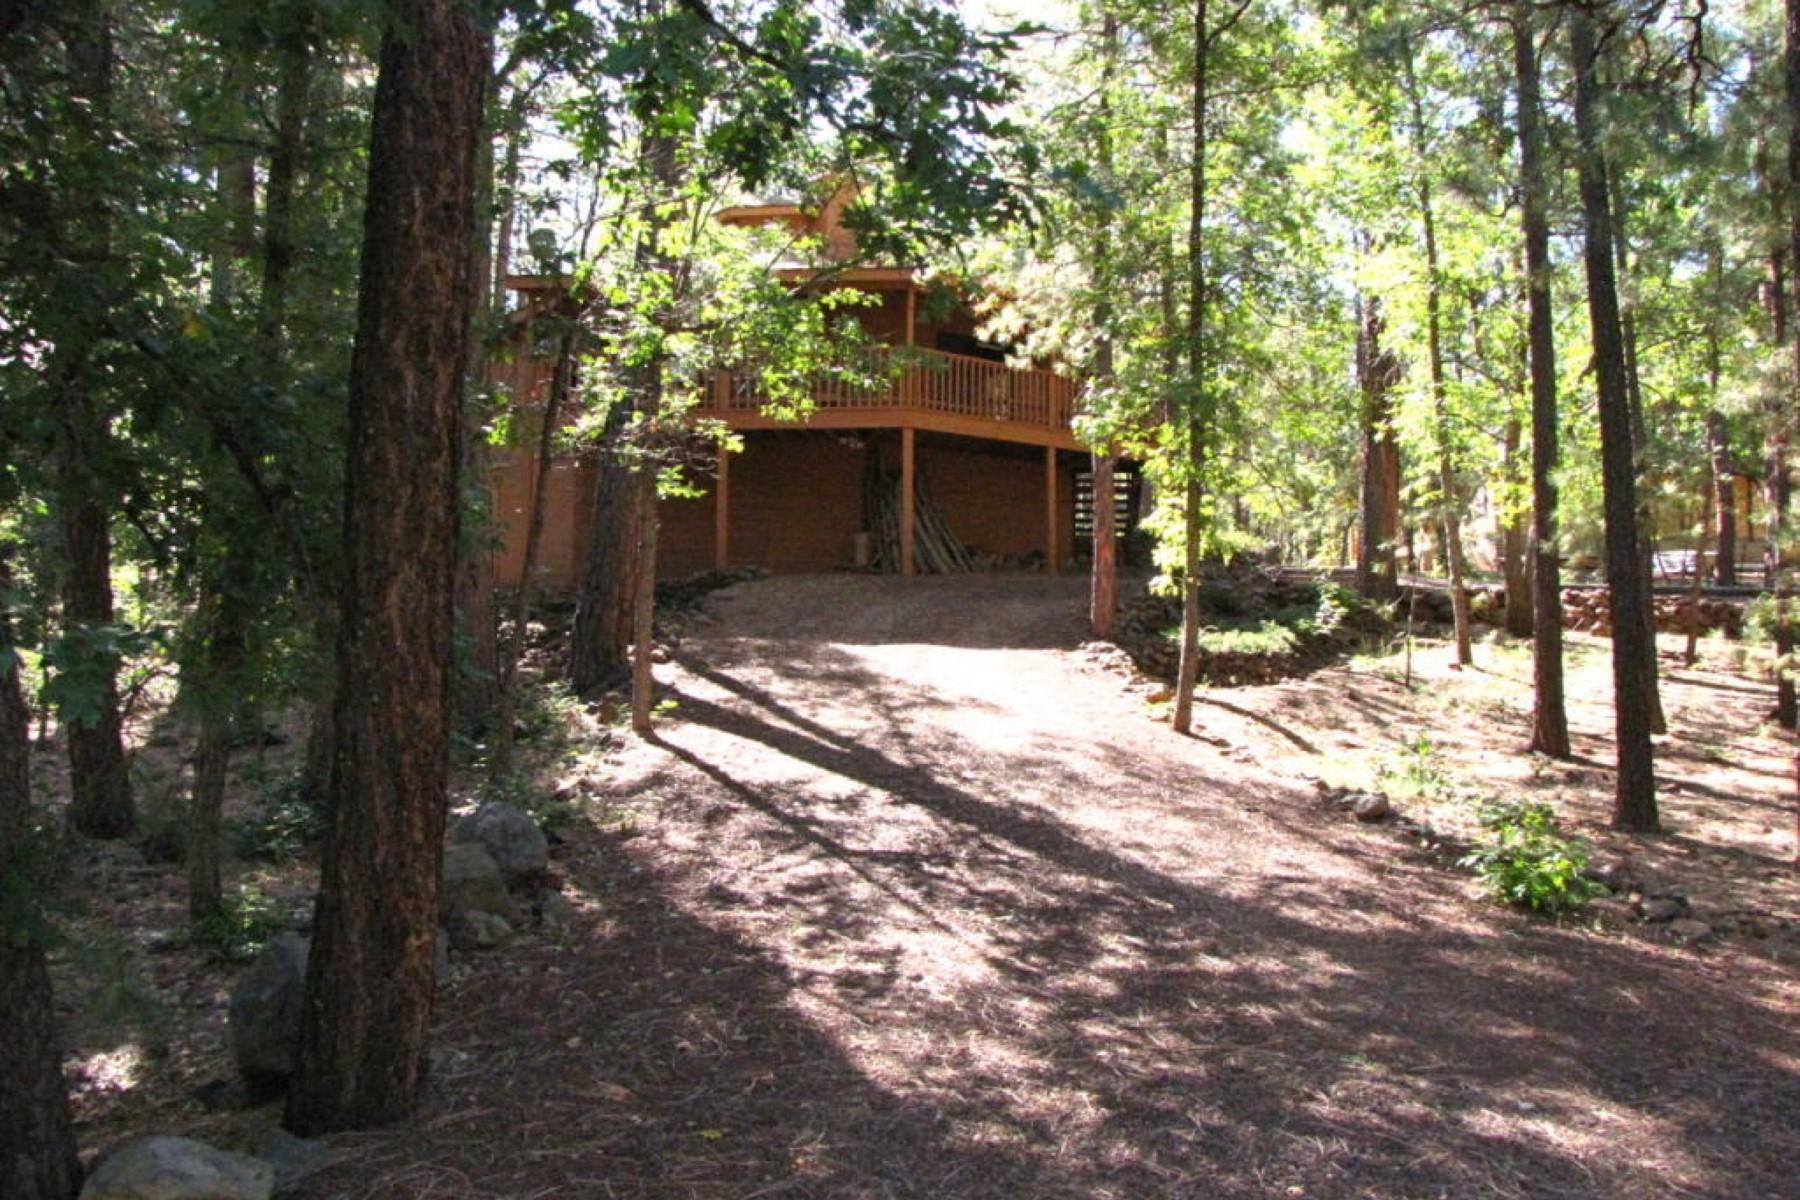 단독 가정 주택 용 매매 에 Wonderful location on a heavily treed lot 3611 Larkspur LN Pinetop, 아리조나 85935 미국